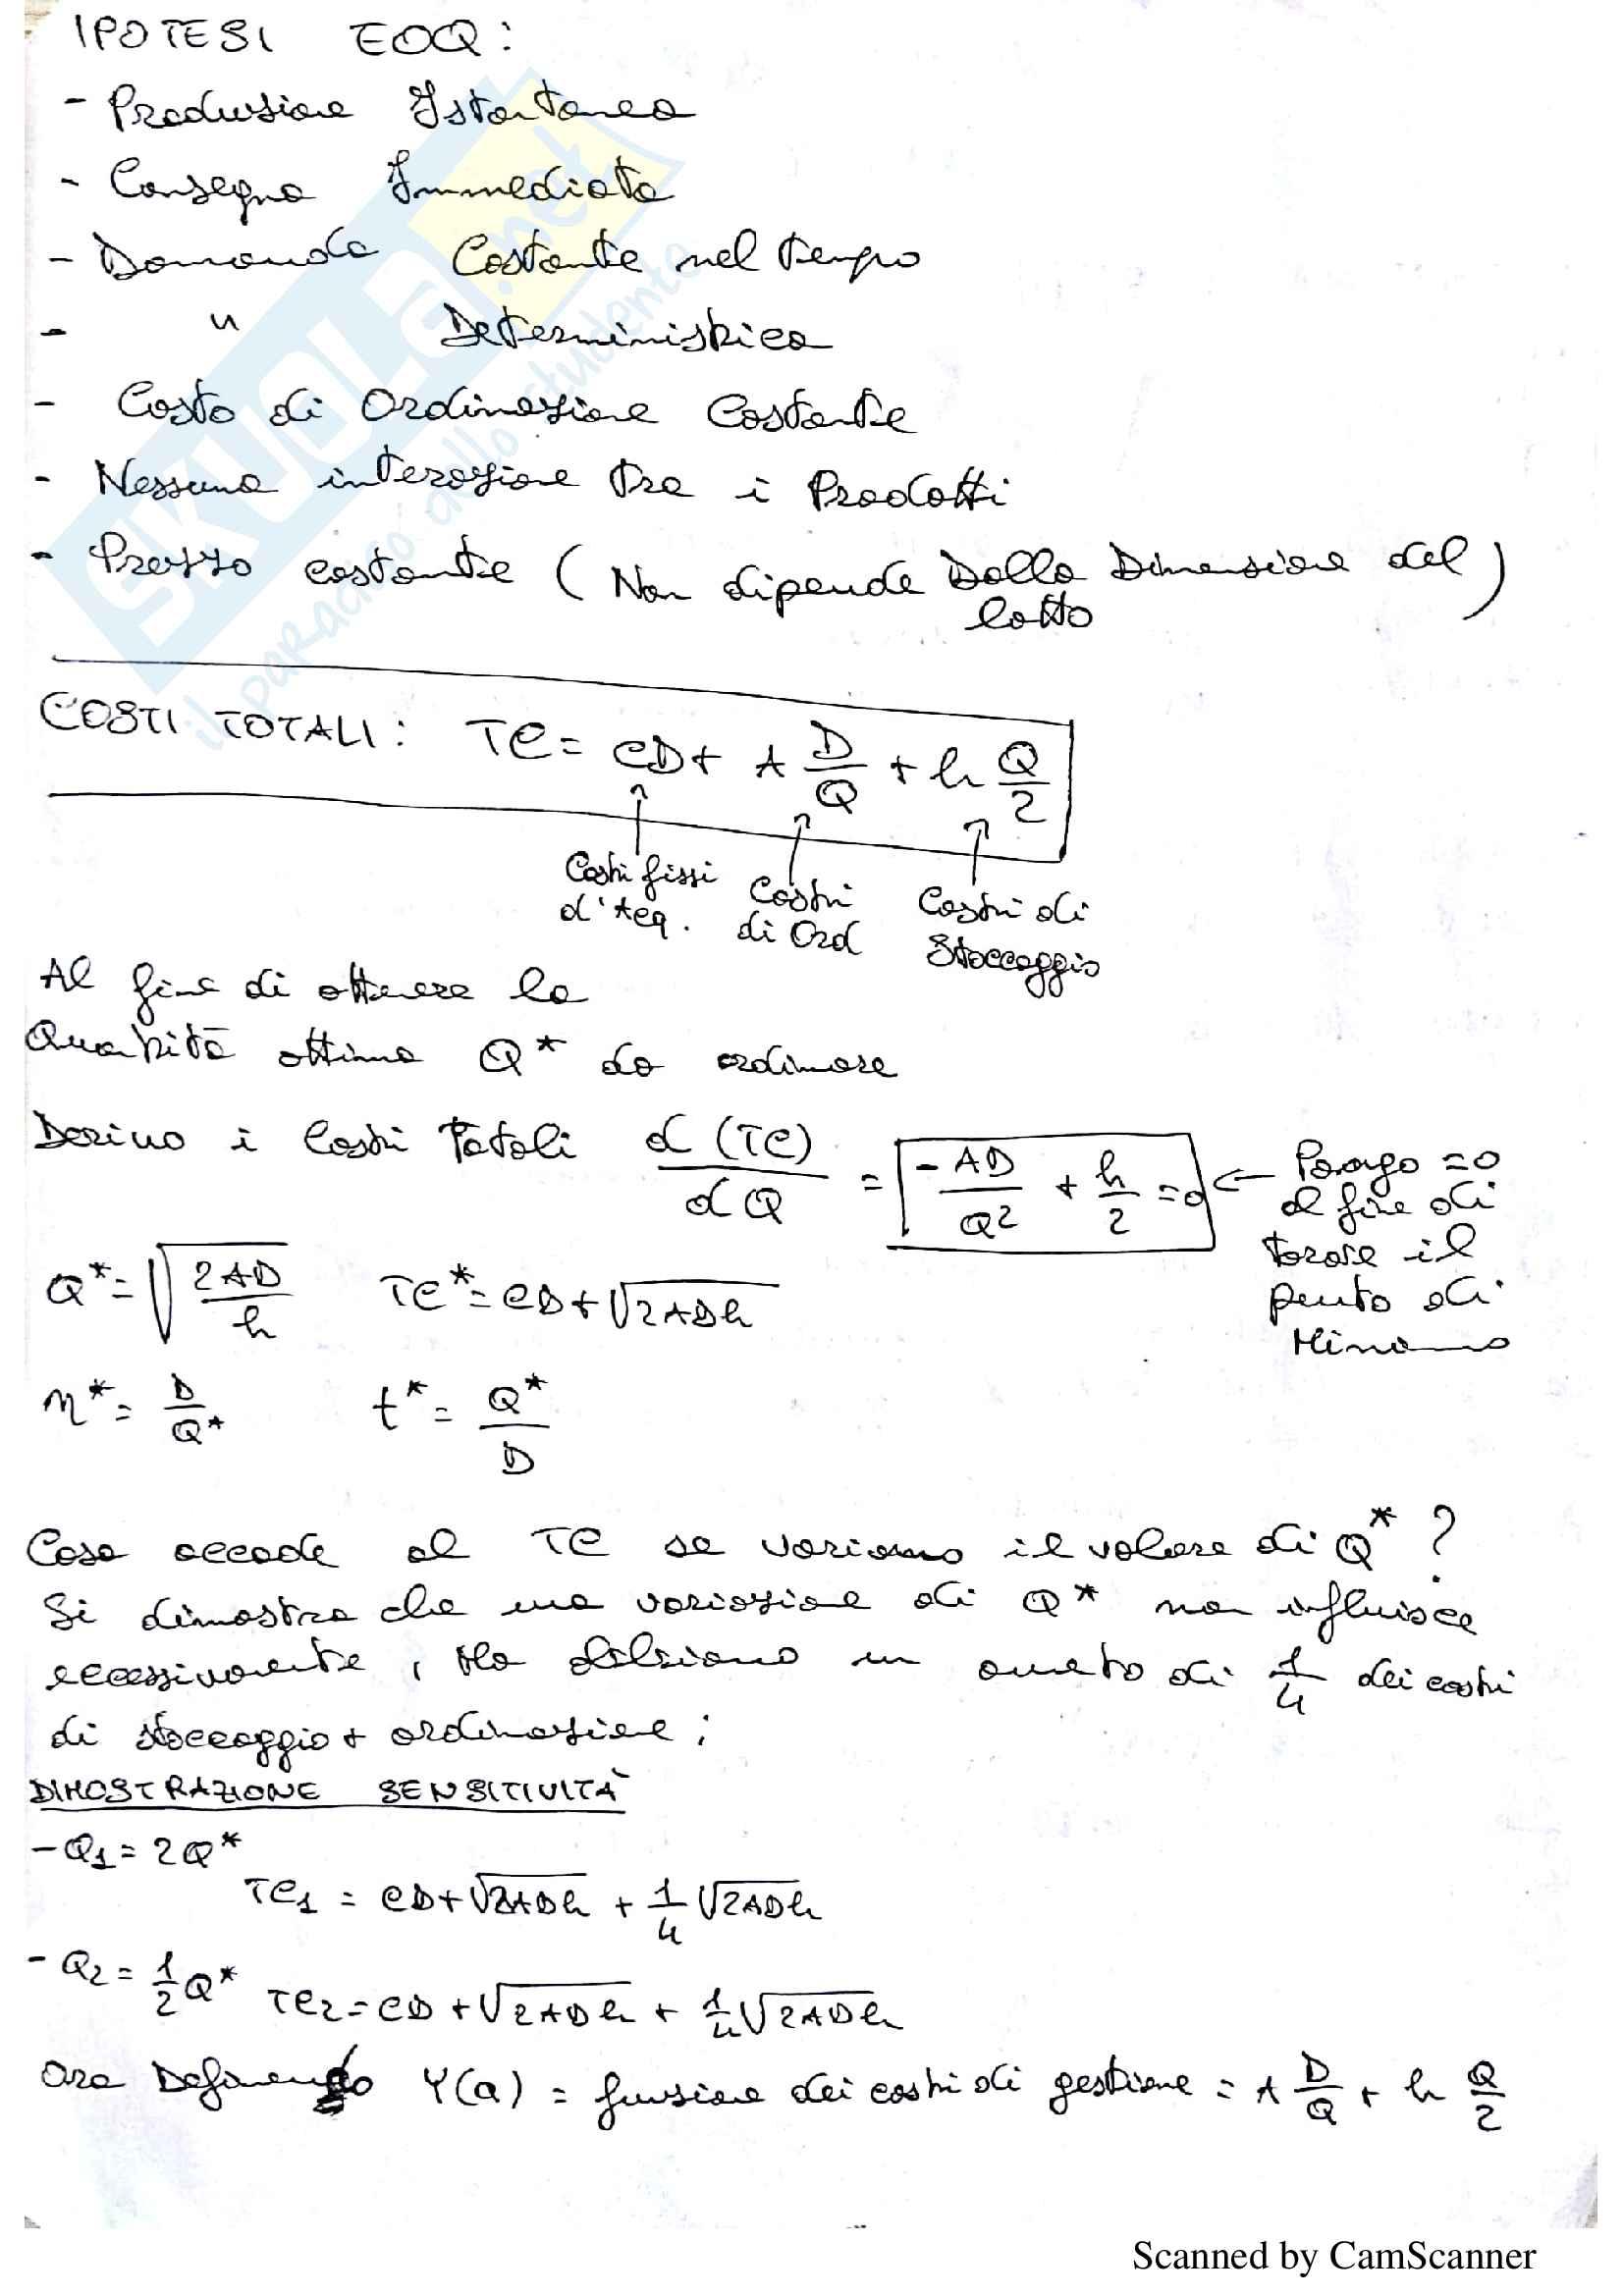 Programmazione e Gestione della Produzione P. Chiabert Appunti, Schemi riassuntivi, Esempi svolti Pag. 2